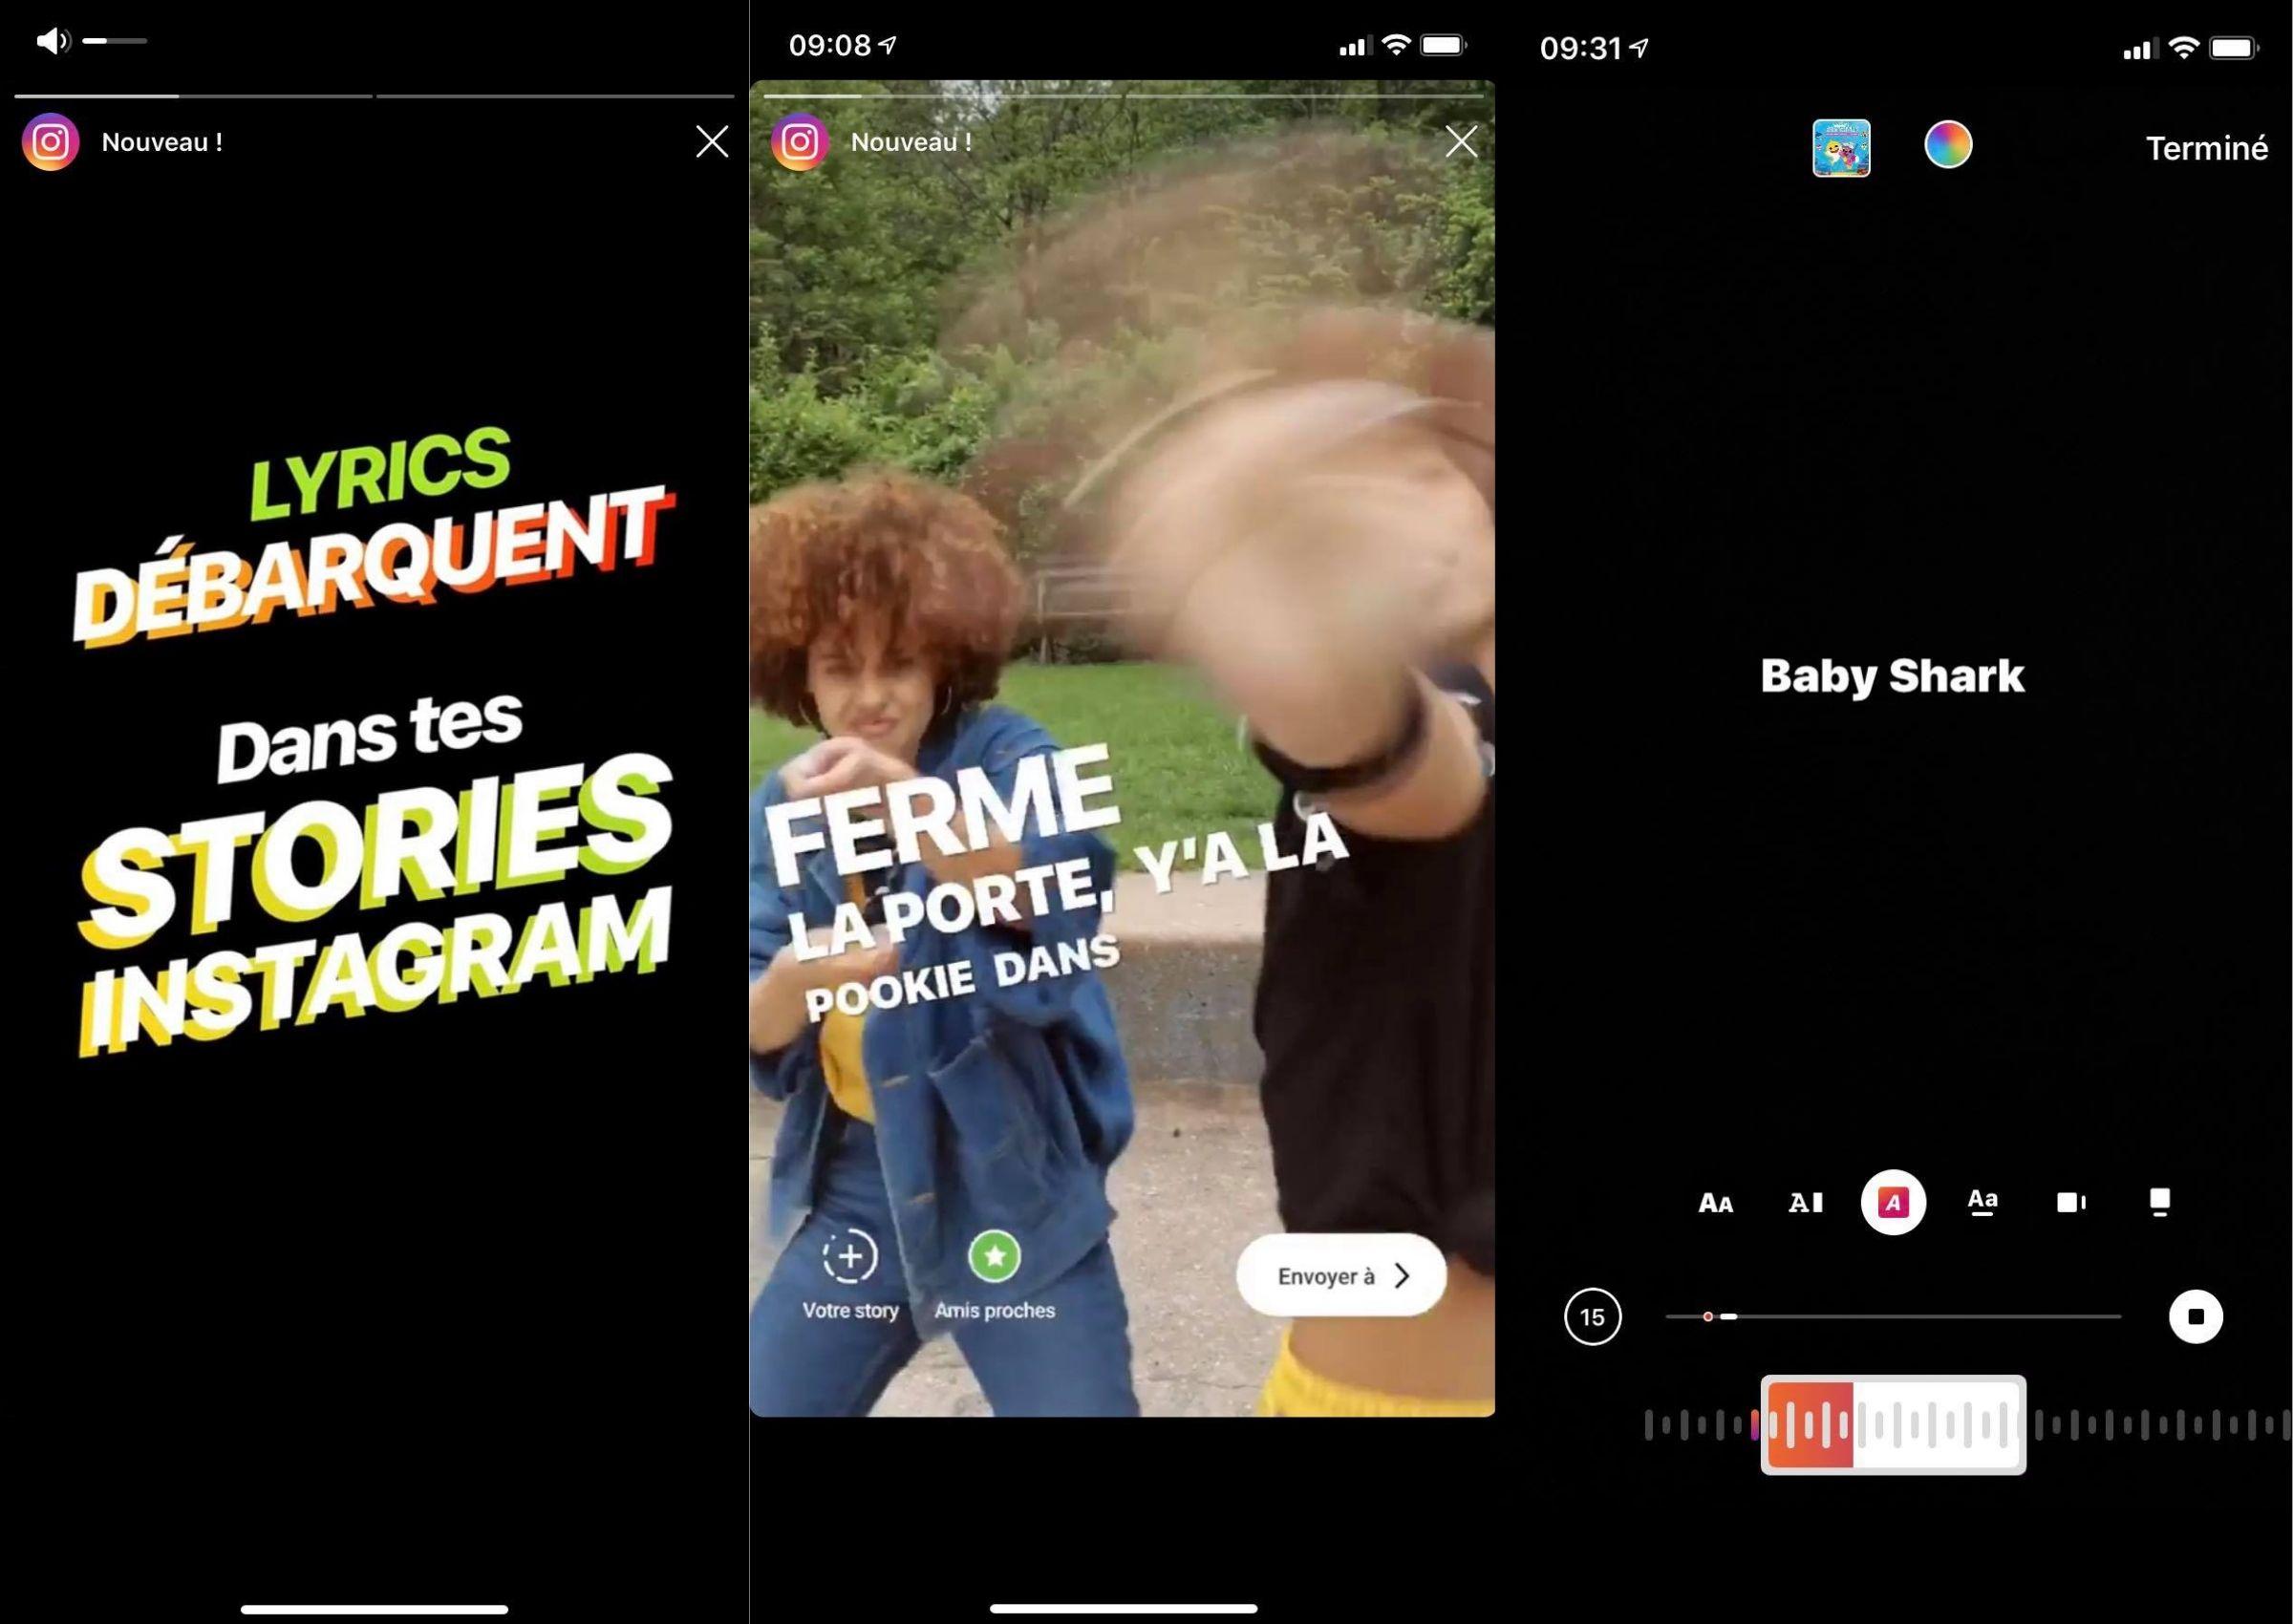 Instagram affiche désormais les paroles des chansons dans les stories